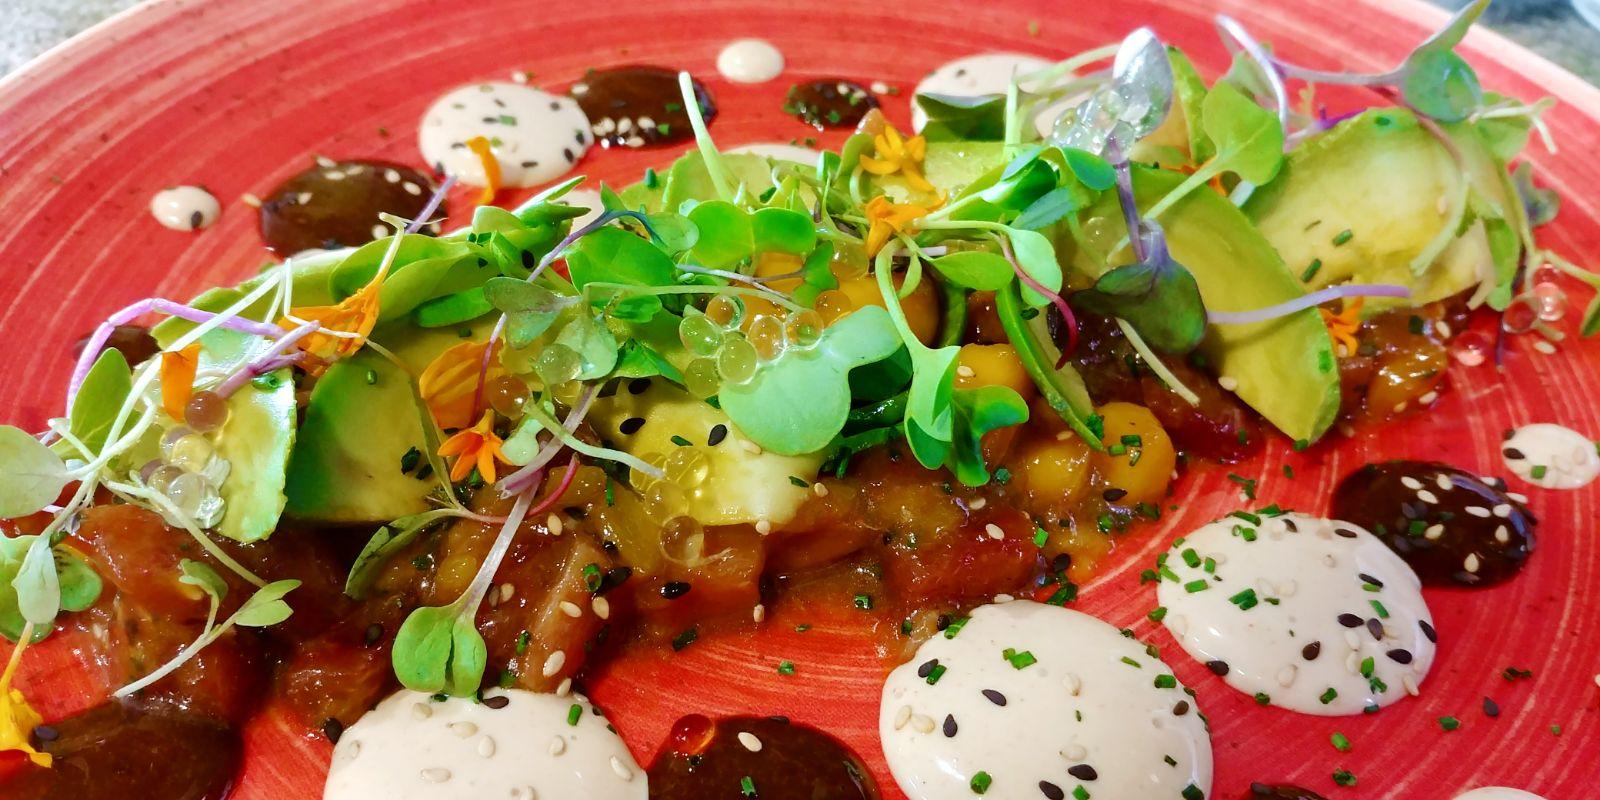 Kimchi patrimonio cultural intangible de la humanidad cocina con alma - Cocina con alma ...